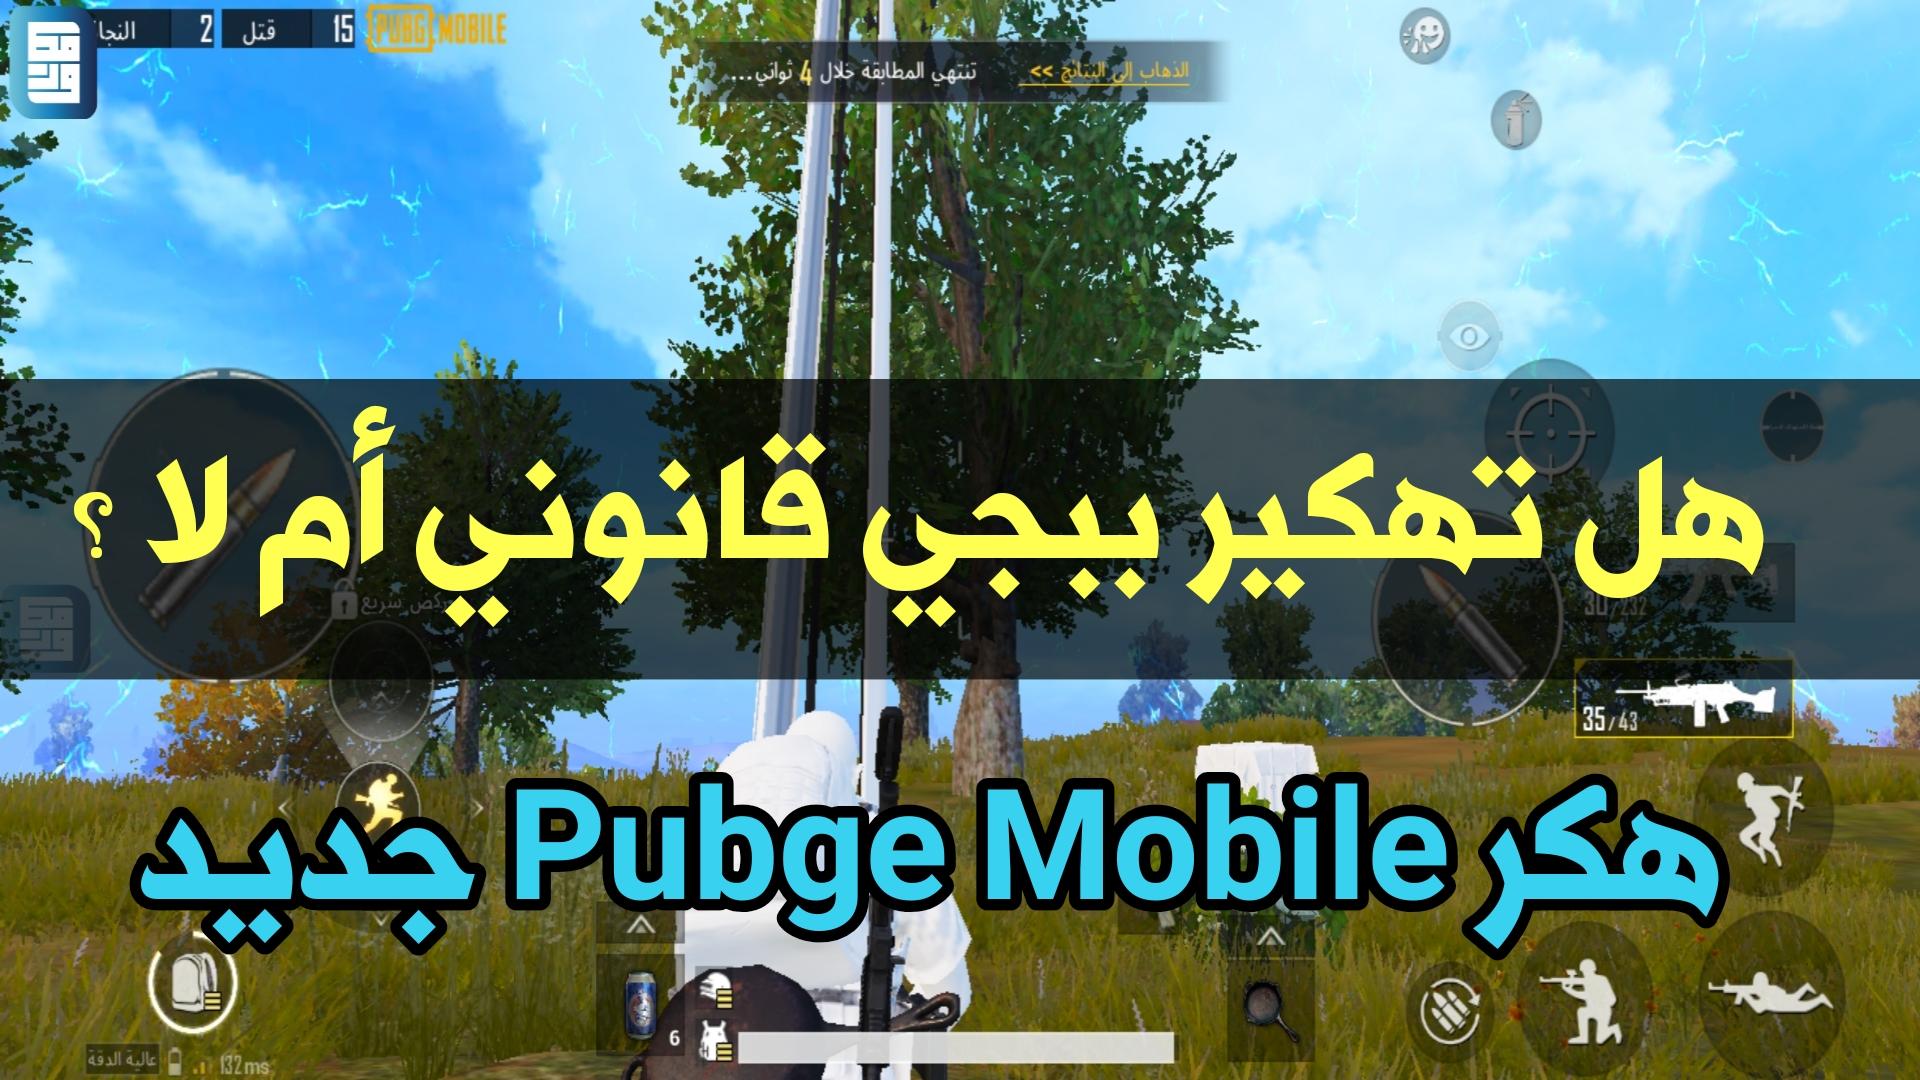 هل تهكير Pubge Mobile قانوني أم لا ؟ وهل يعتبر جرماً ؟ هكر VIP جديد بدون ملفات